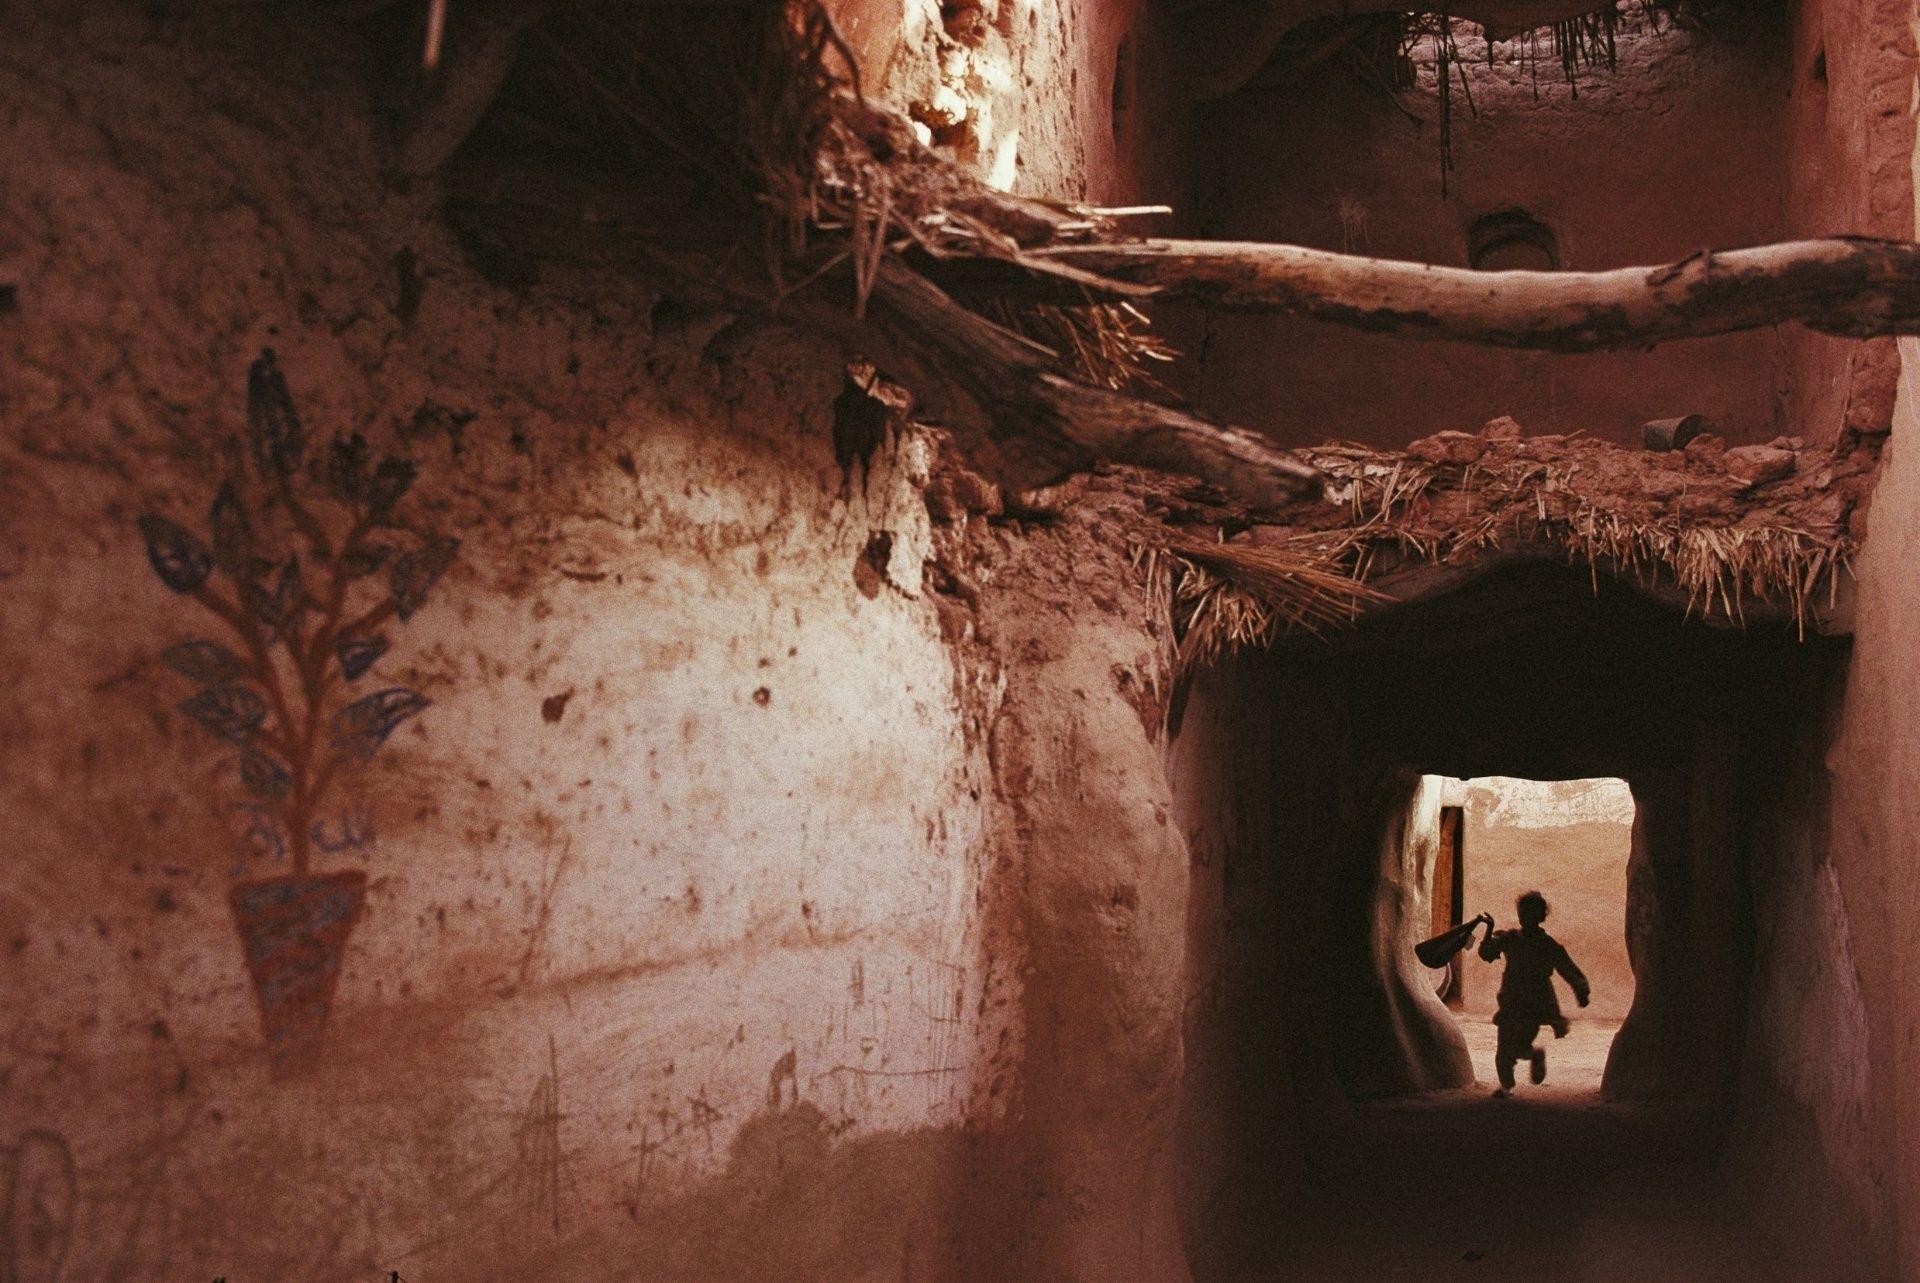 Criança corre entre as paredes de barro de Balat, um vilarejo no oásis de Dakha, um dos sete oásis do Deserto Oriental, no Egito. O local foi uma cidade importante no Antigo Império egípicio